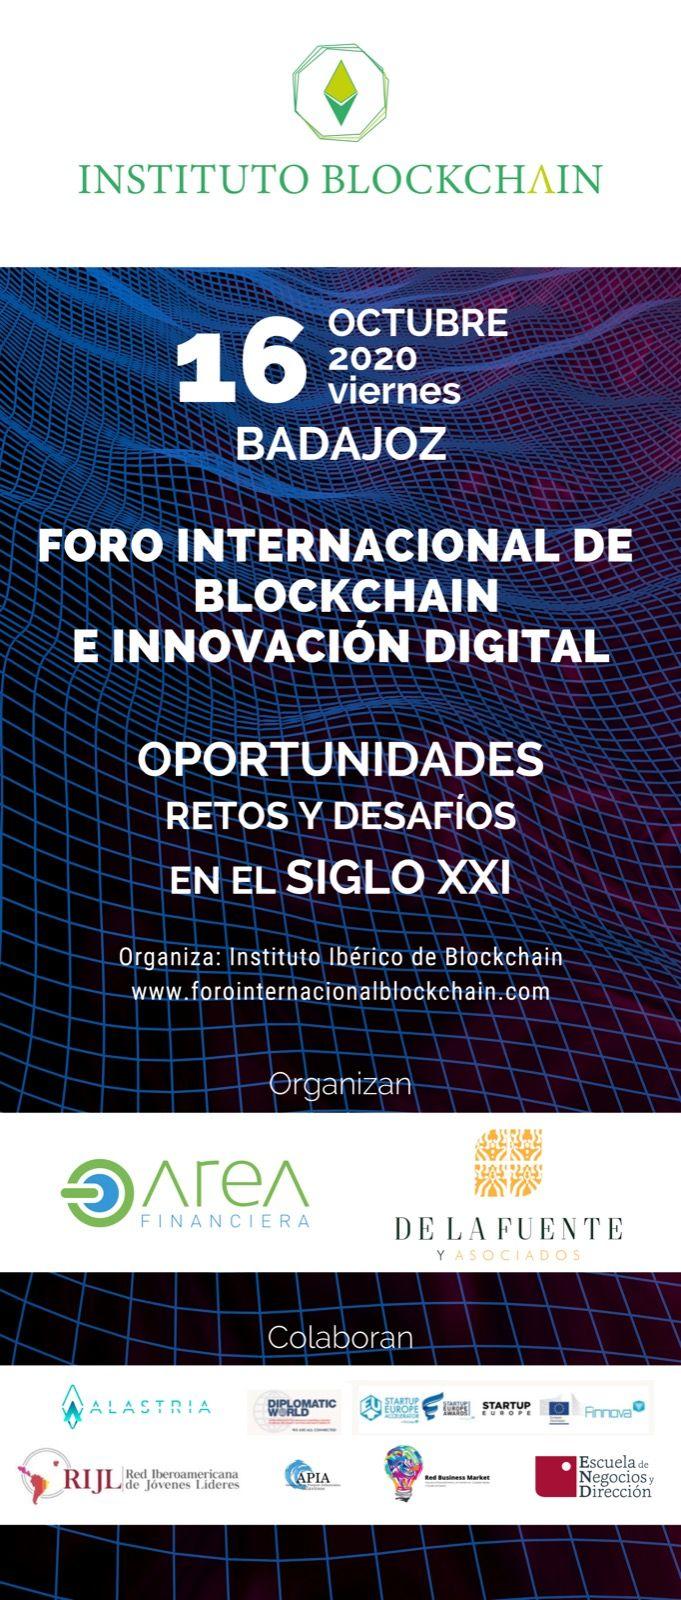 Fotografia Foro Internacional de Blockchain e Innvocación